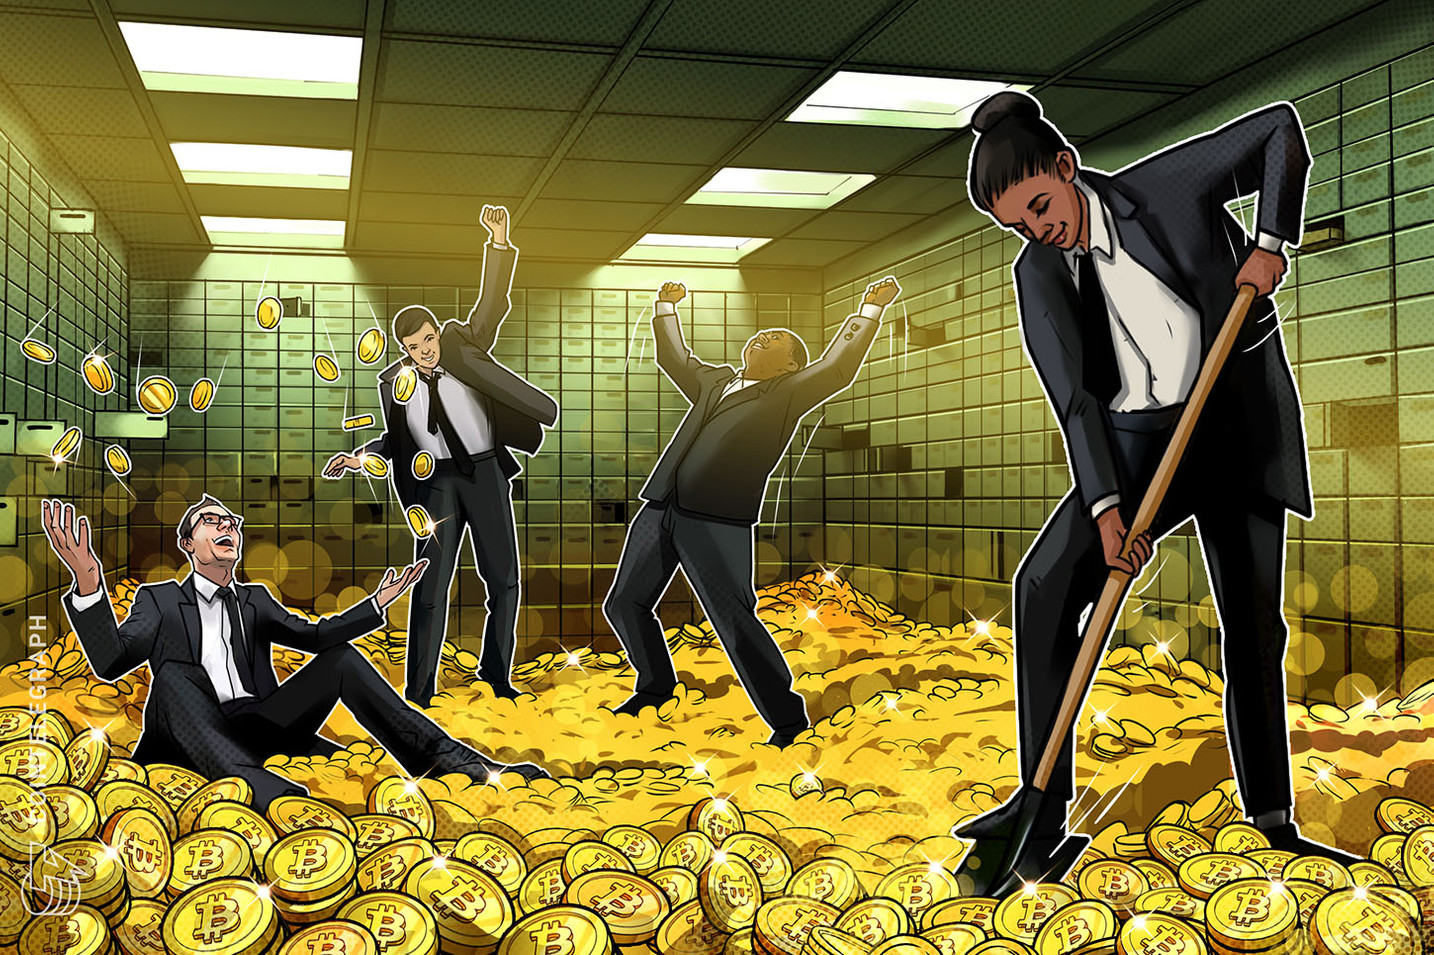 仮想通貨ビットコインが5つの大手取引所に集中 | BTC供給量の約10%を保有